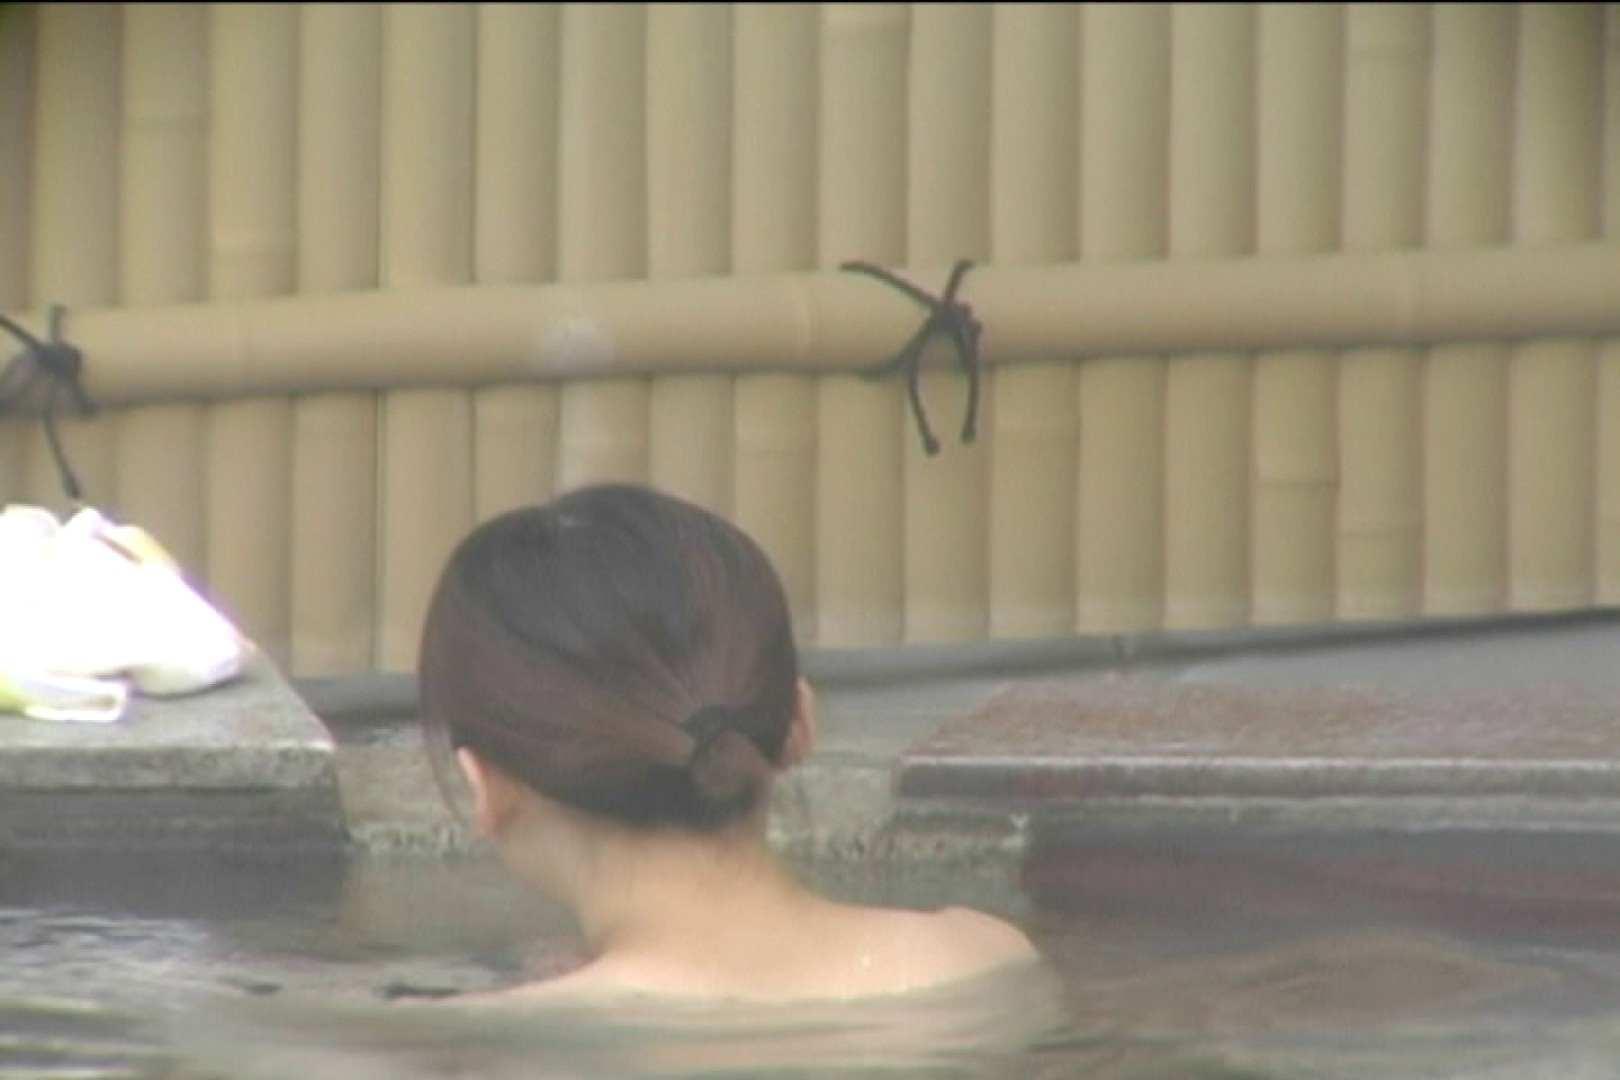 Aquaな露天風呂Vol.121 盗撮師作品 おめこ無修正画像 105pic 23